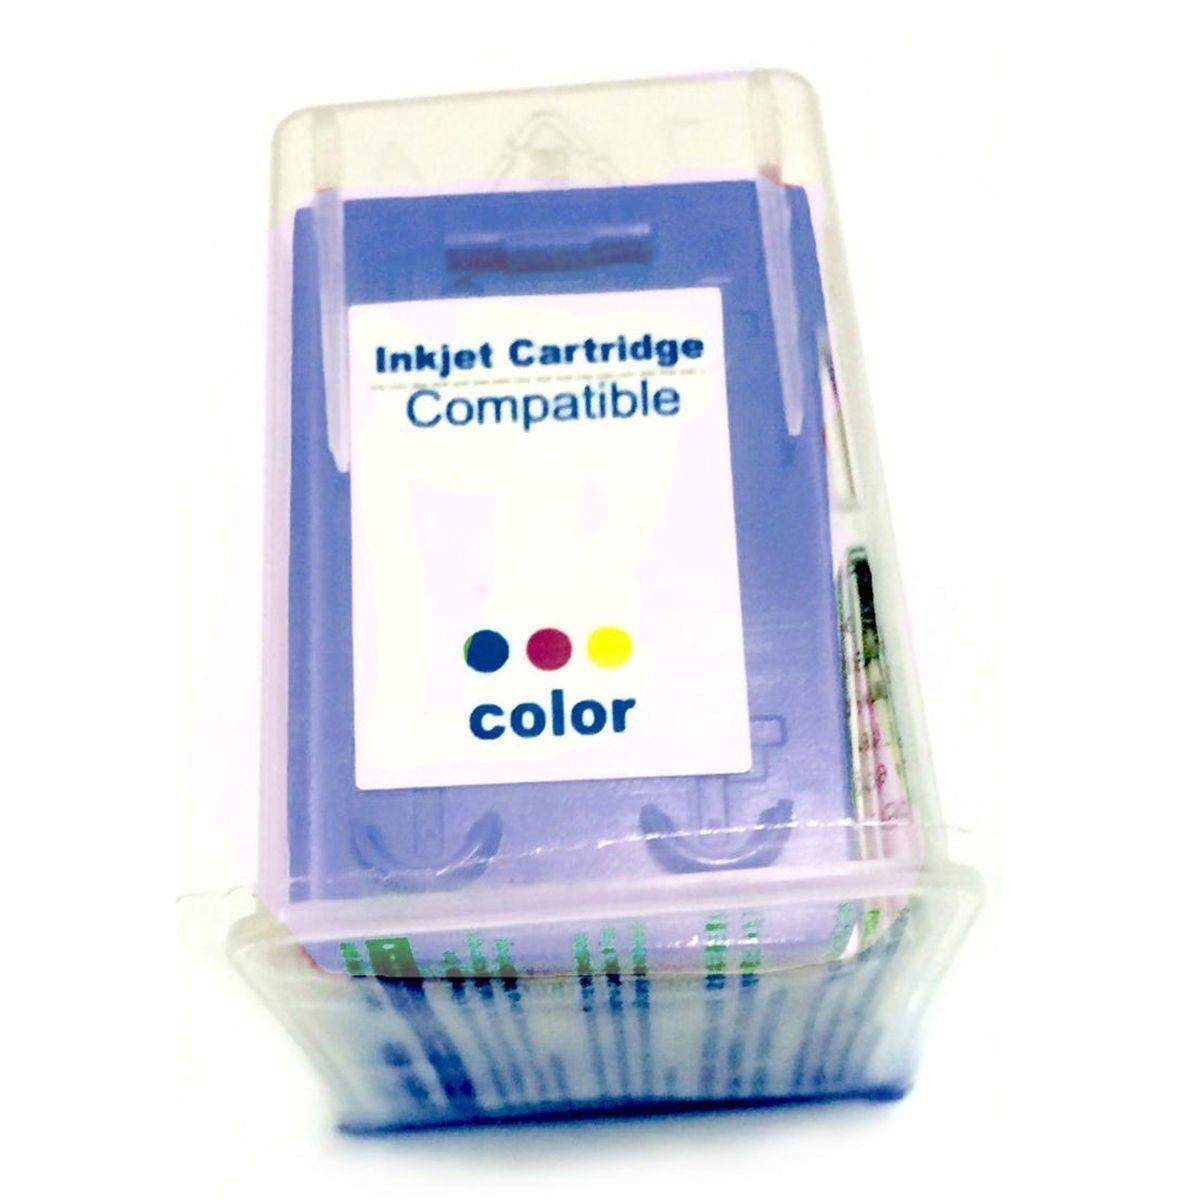 Compatível: Cartucho de Tinta 22 28 57 para HP F4180 F380 J3680 D2360 D2460 3920 3930 3420 D1455 D1360 / Colorido / 13ml